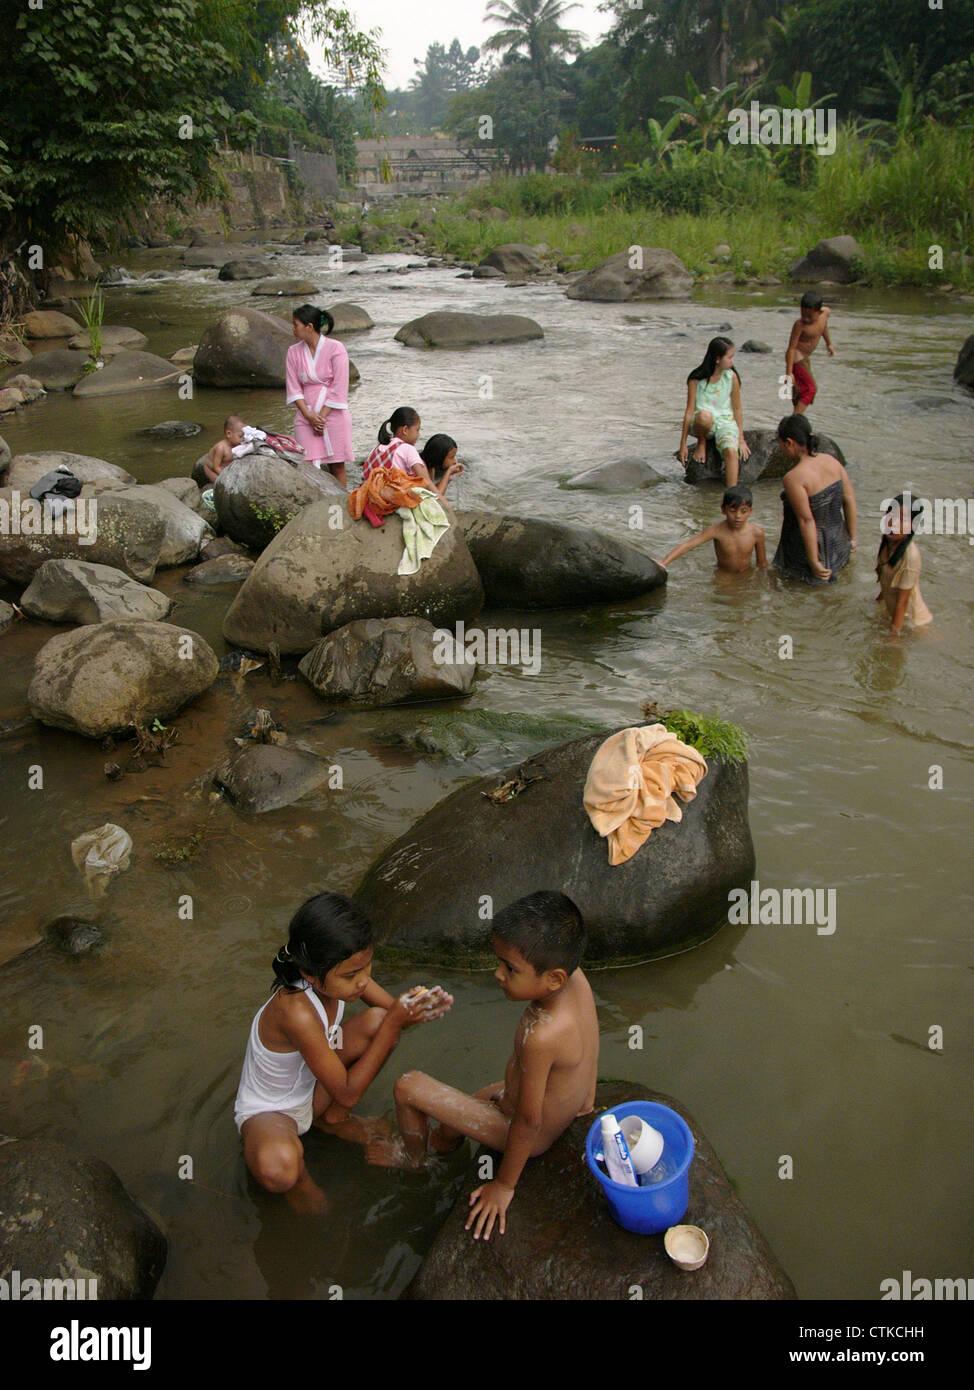 https://c8.alamy.com/compit/ctkchh/le-donne-e-i-bambini-si-bagnano-e-pulire-i-loro-denti-nella-ciliwung-giacarta-piu-fiume-inquinato-ctkchh.jpg